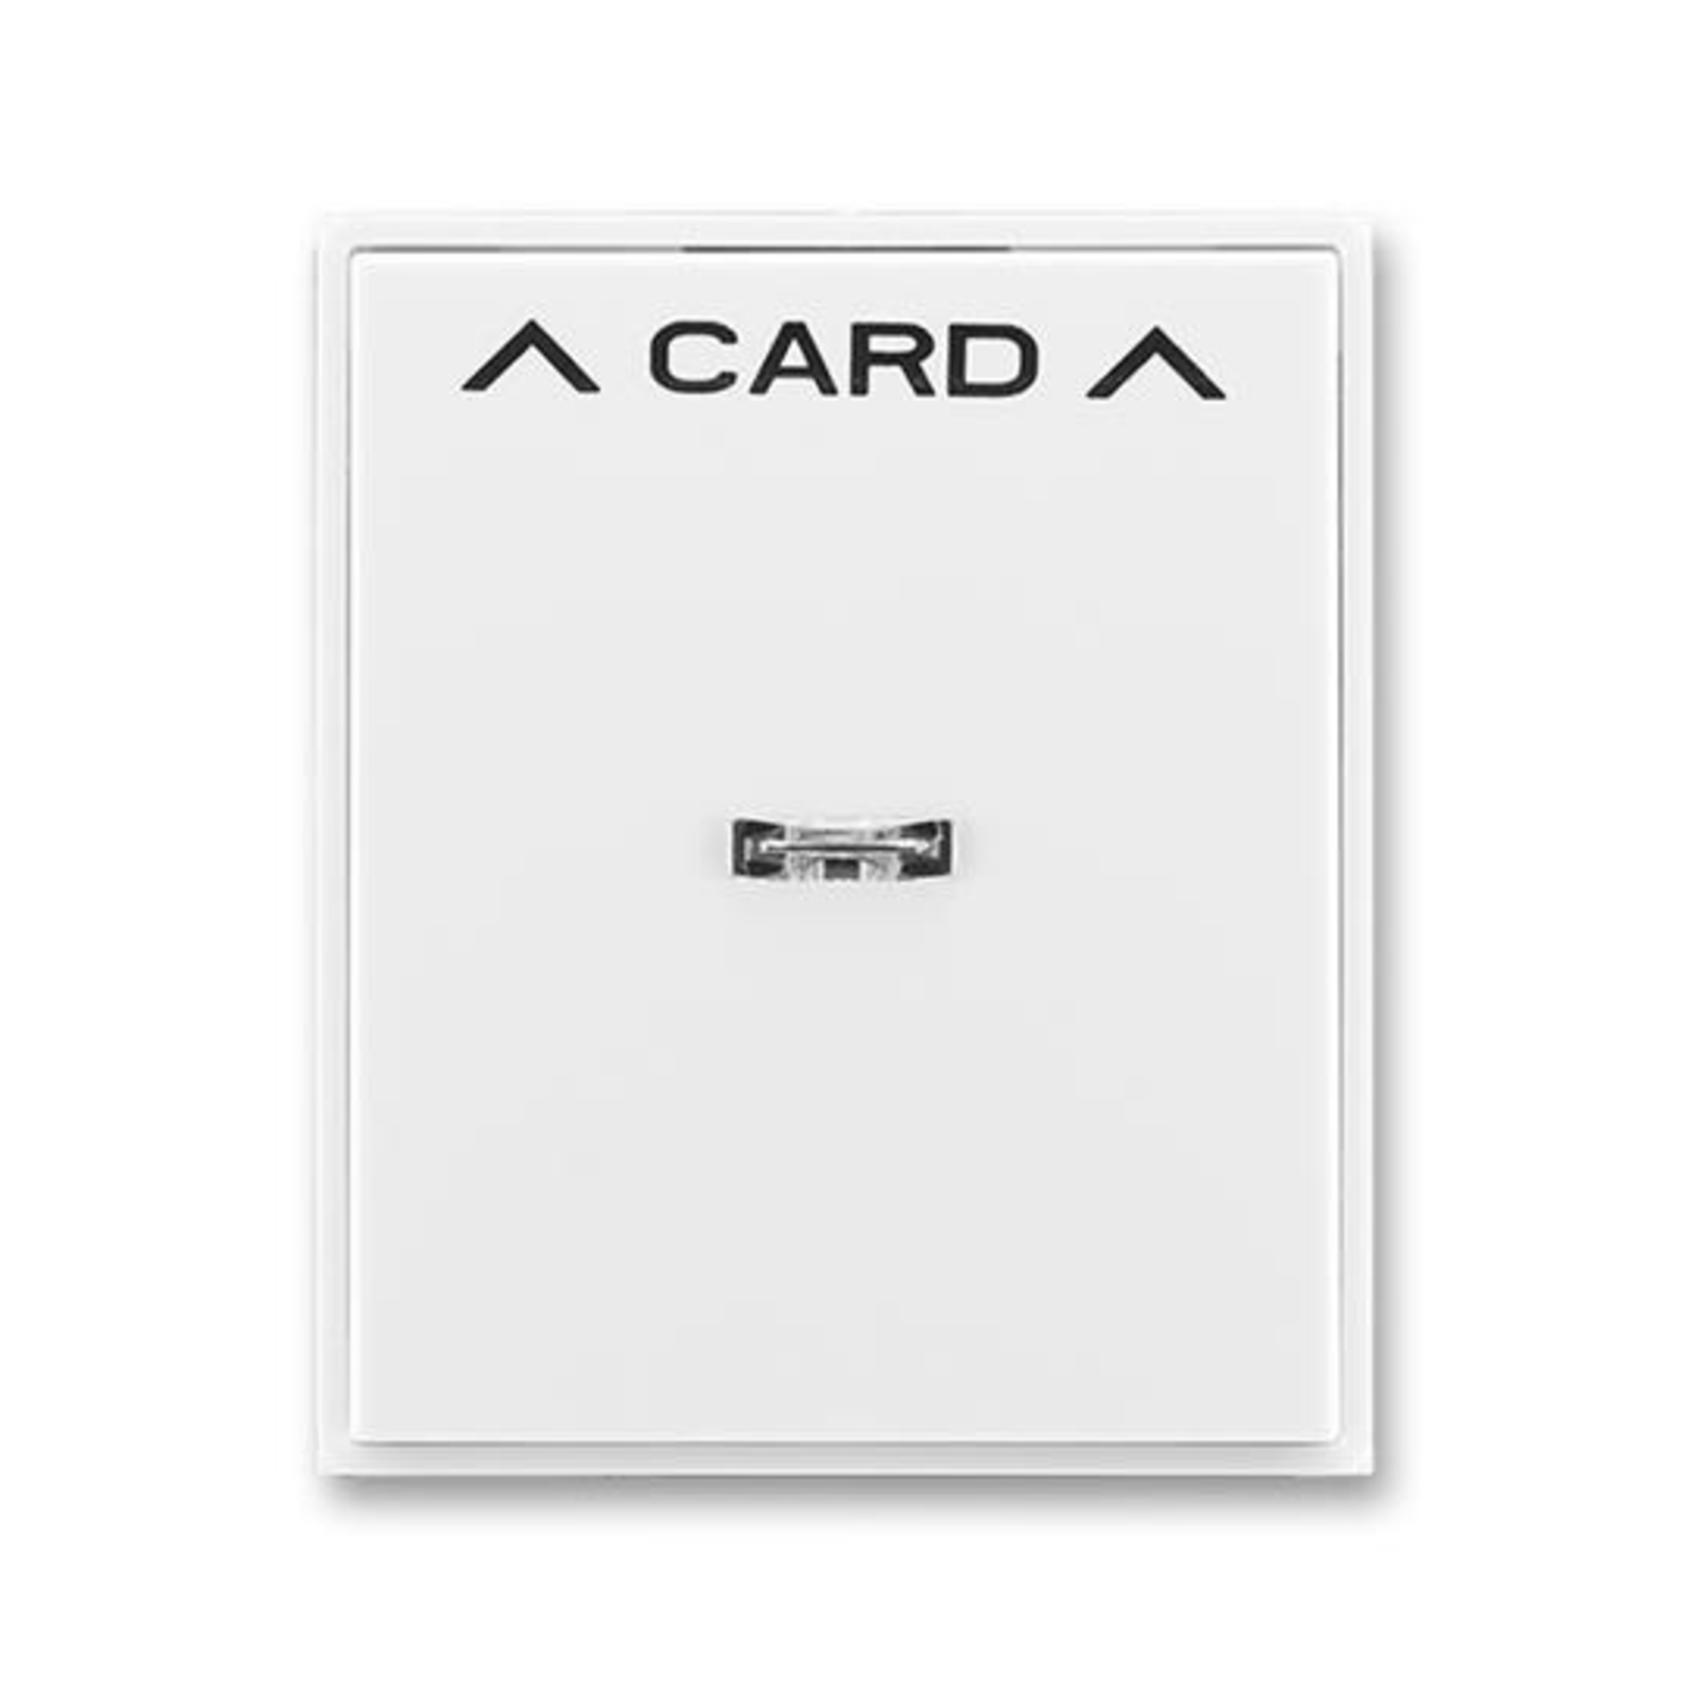 ABB 3559E-A00700 03 Element Kryt spínače kartového, s čirým průzorem